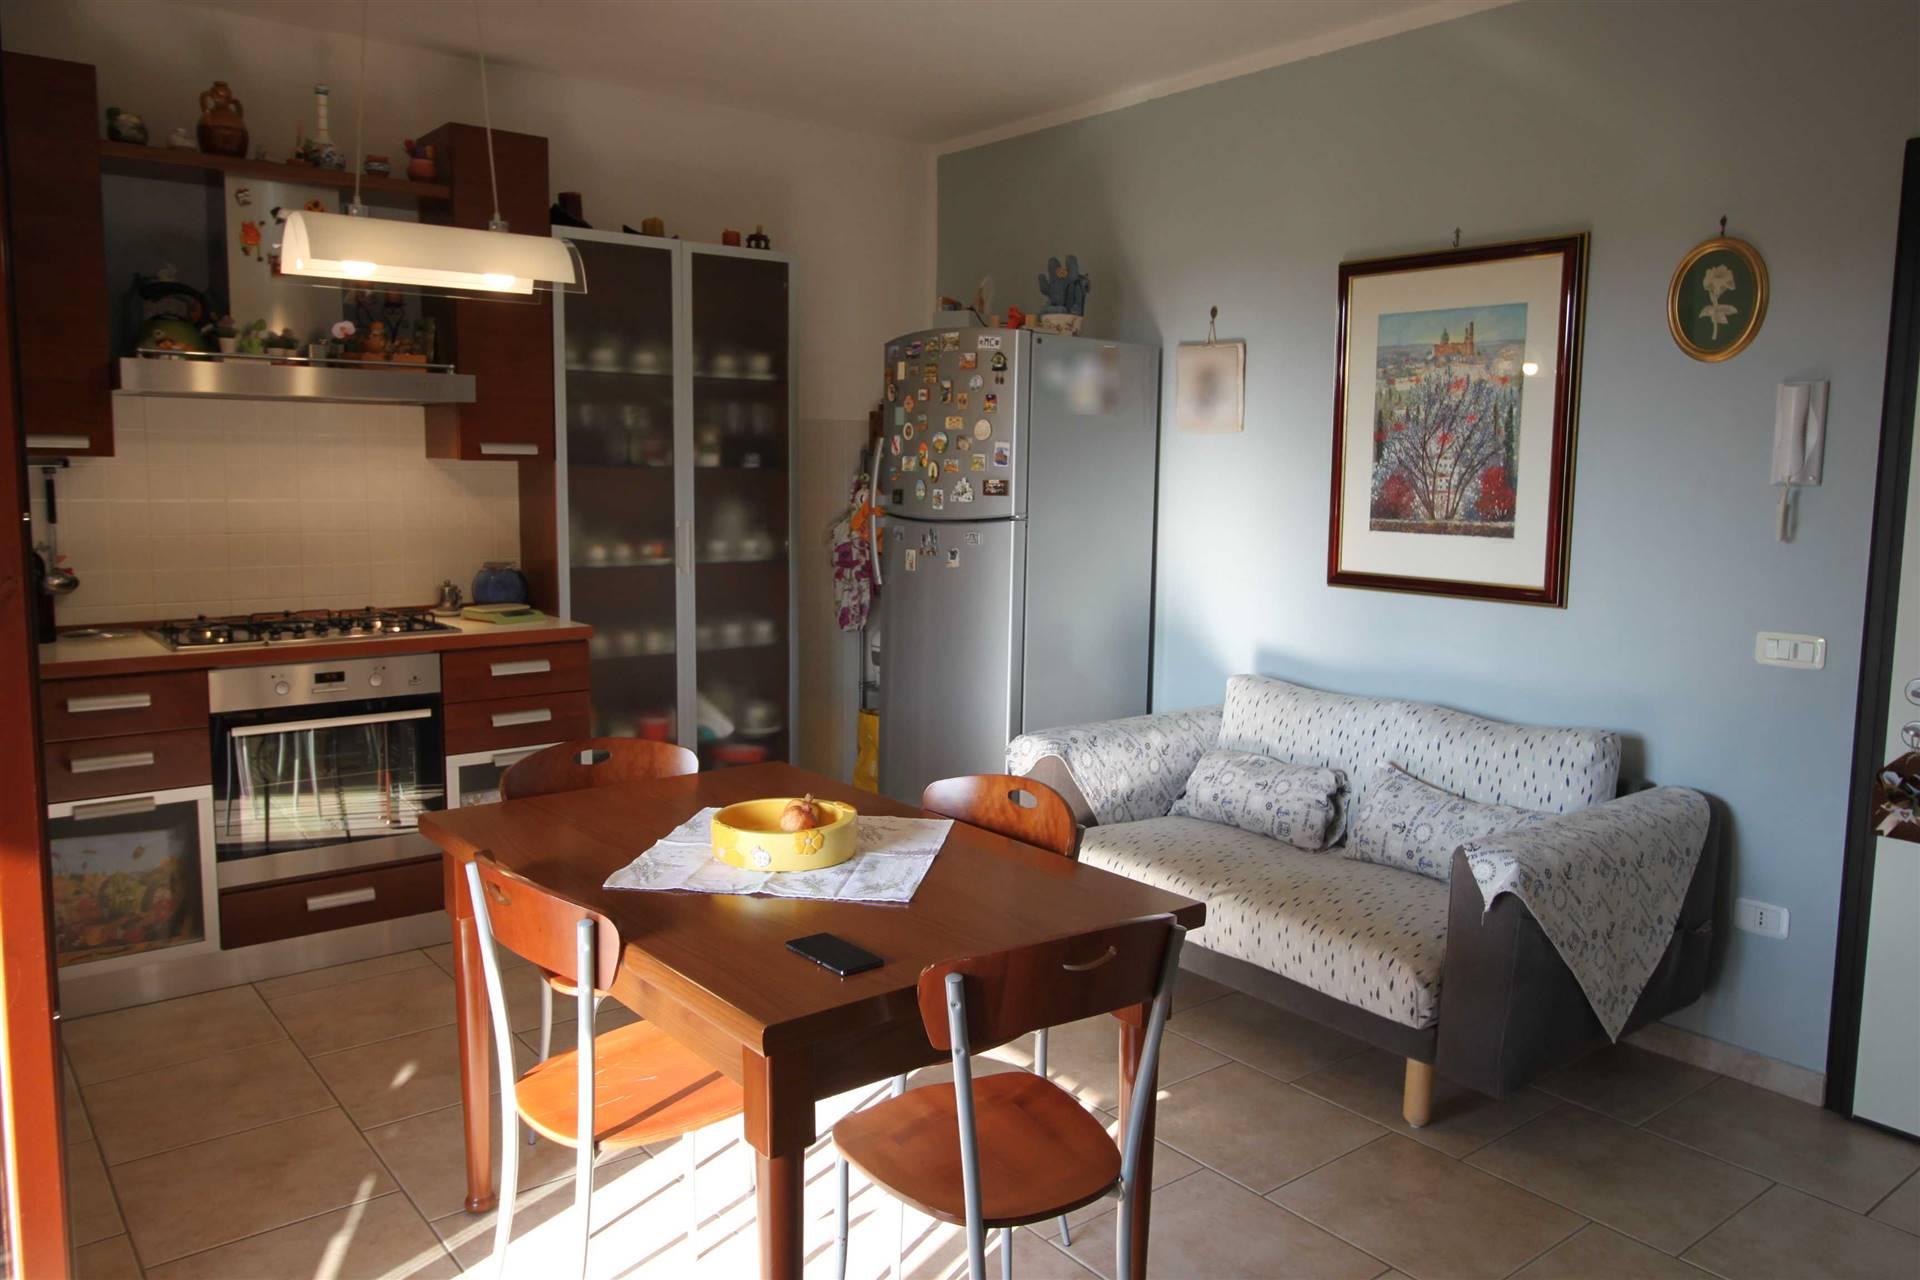 PIZZETTI, GROSSETO, Wohnung zu verkaufen von 67 Qm, Halbneu, Heizung Unabhaengig, Energie-klasse: A+, Epi: 22,429 kwh/m2 jahr, am boden 1° auf 4,